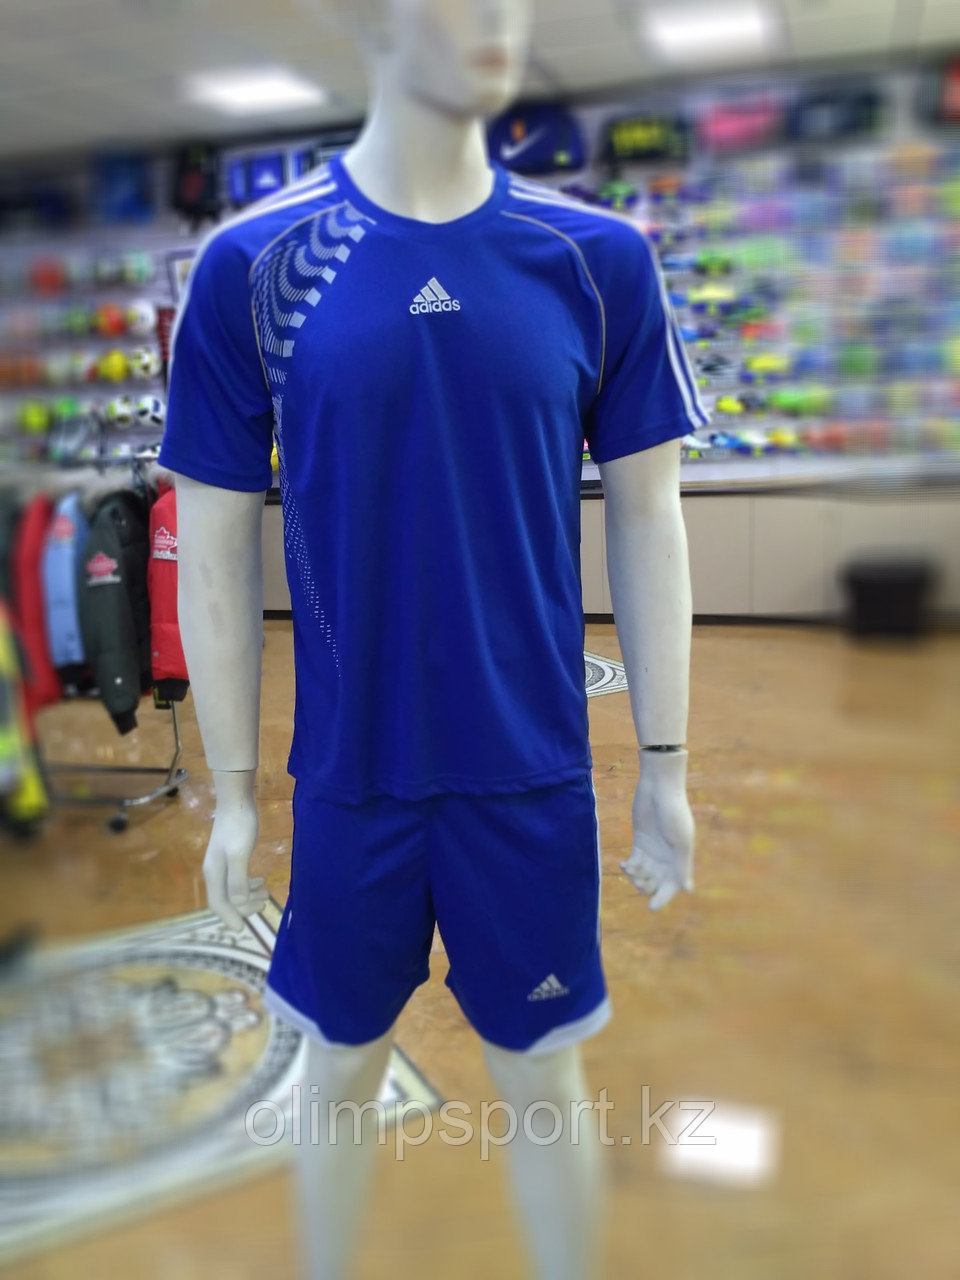 Футбольная форма Adidas 915, взрослая